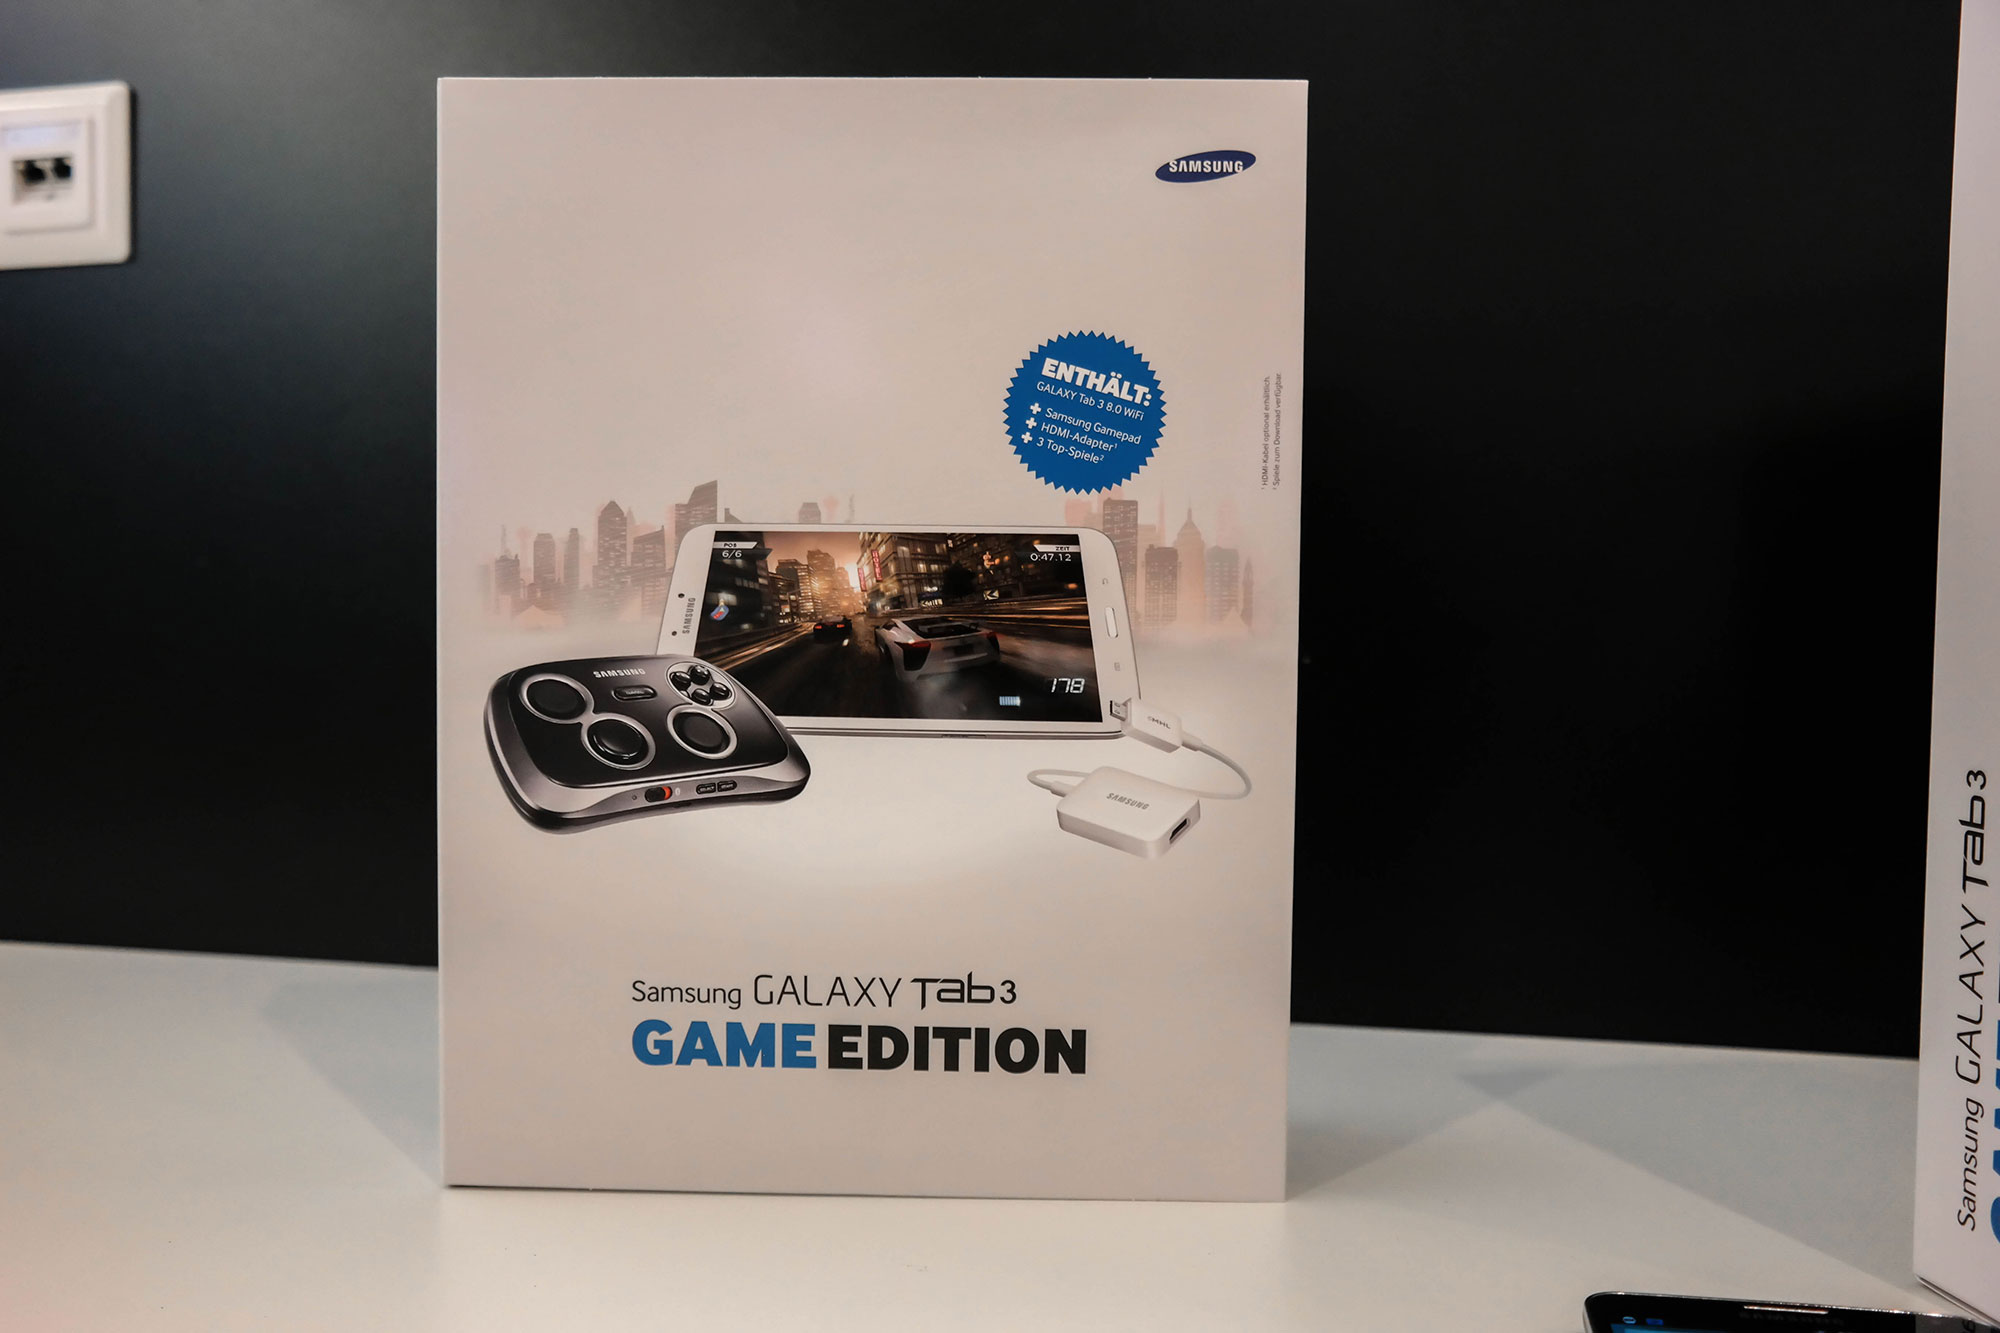 Samsung Galaxy Tab 3 8.0 Game Edition